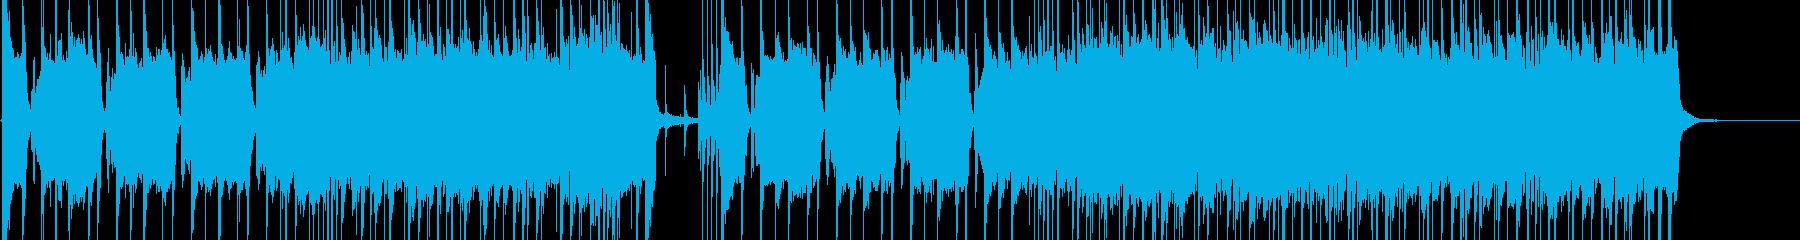 ハードロッキング、ギター駆動のキュ...の再生済みの波形